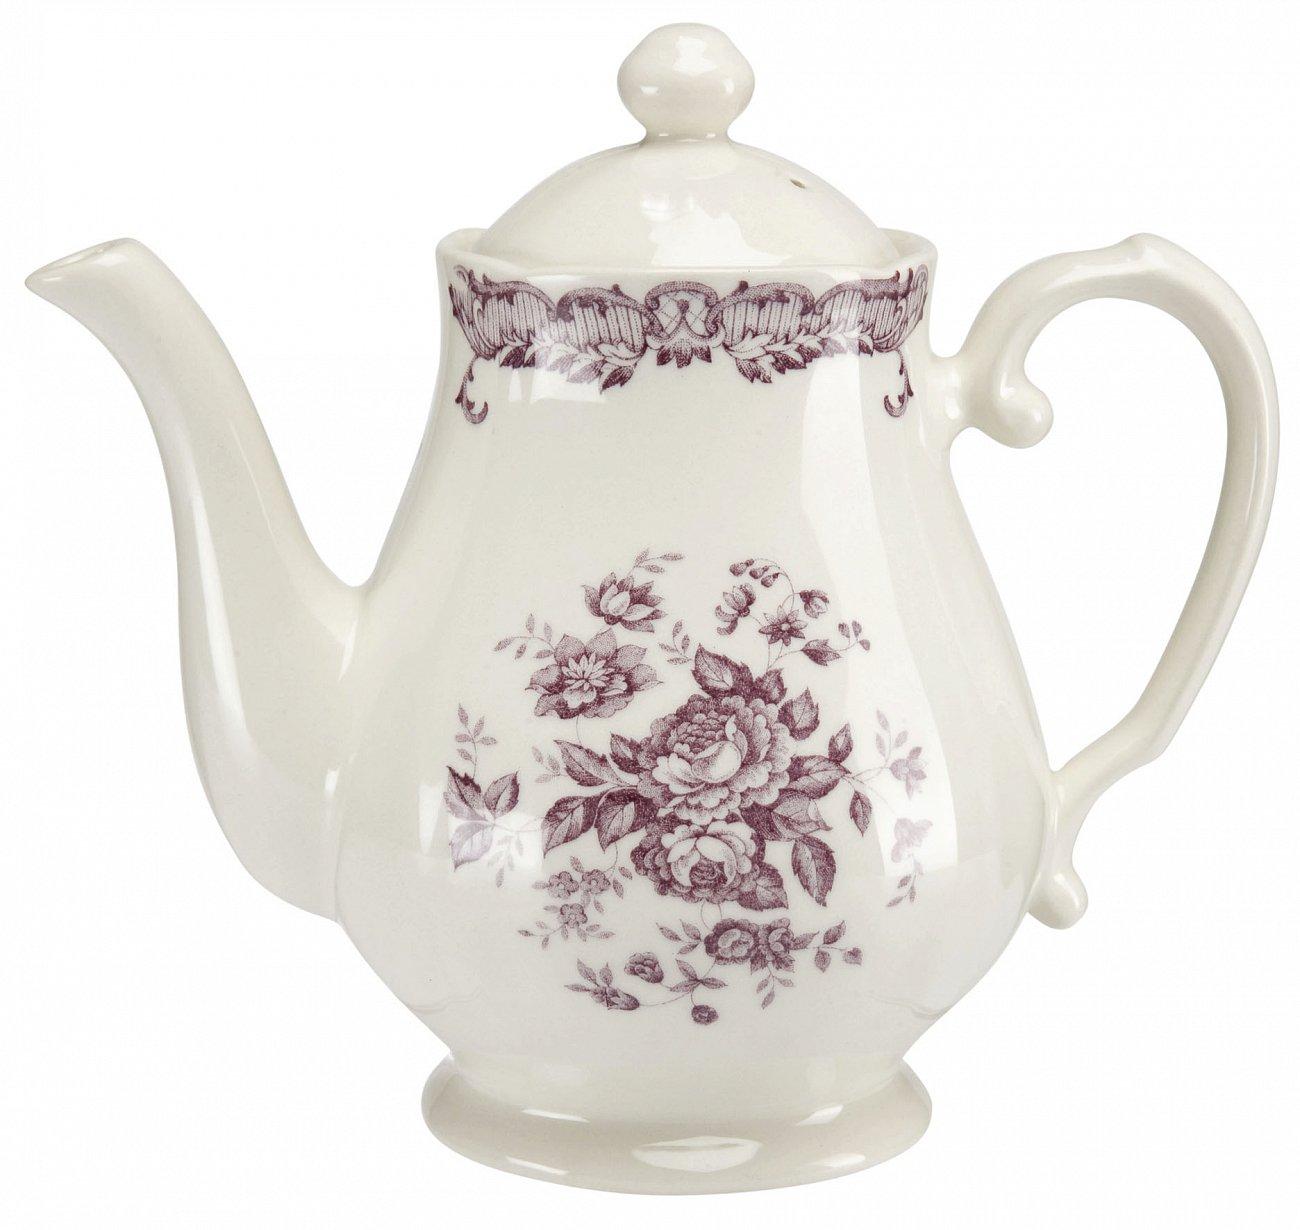 Купить Чайник «Камилла» COMPTOIR de FAMILLE в интернет магазине дизайнерской мебели и аксессуаров для дома и дачи